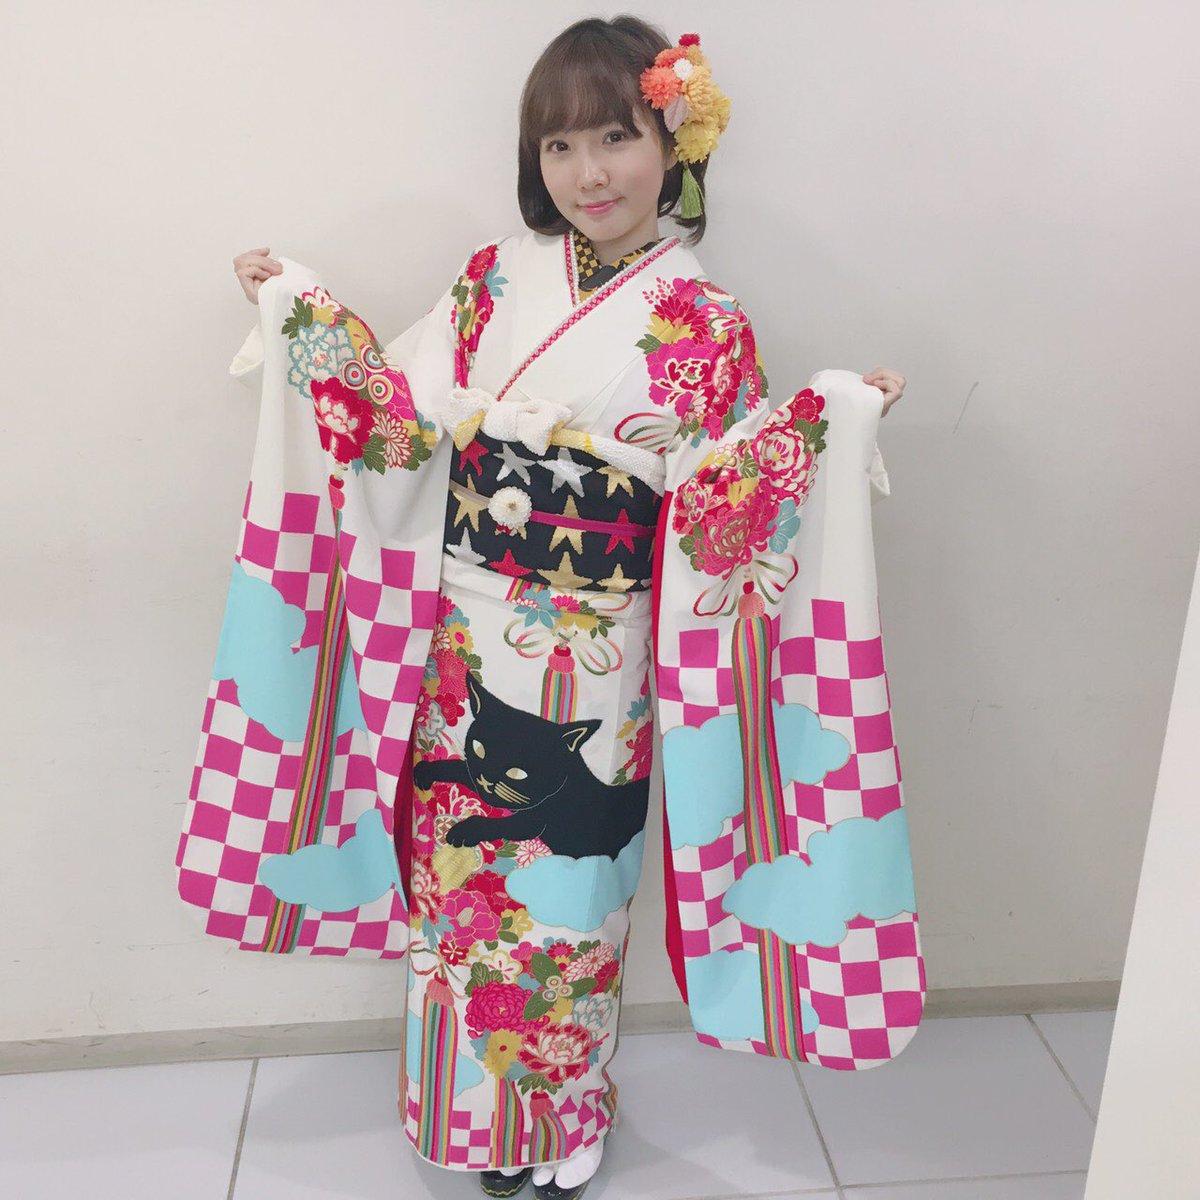 晴れ着♡猫に小判の柄と、帯の⭐️がお気に入り♡ #ふりふ #三松 pic.twitter.com/l0kd1LvVTv